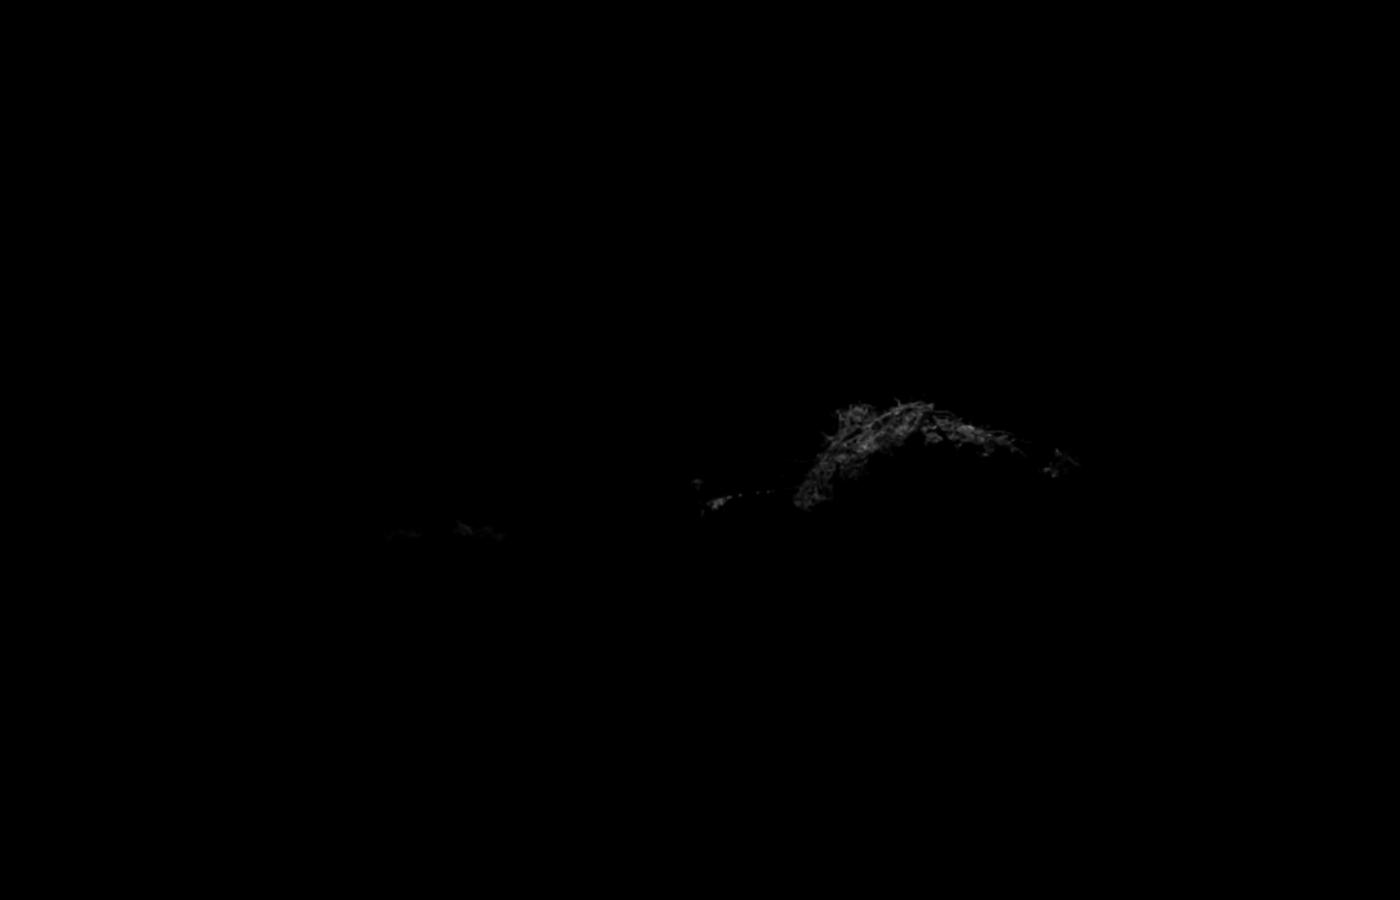 Captura de pantalla 2018-05-02 a las 11.01.10